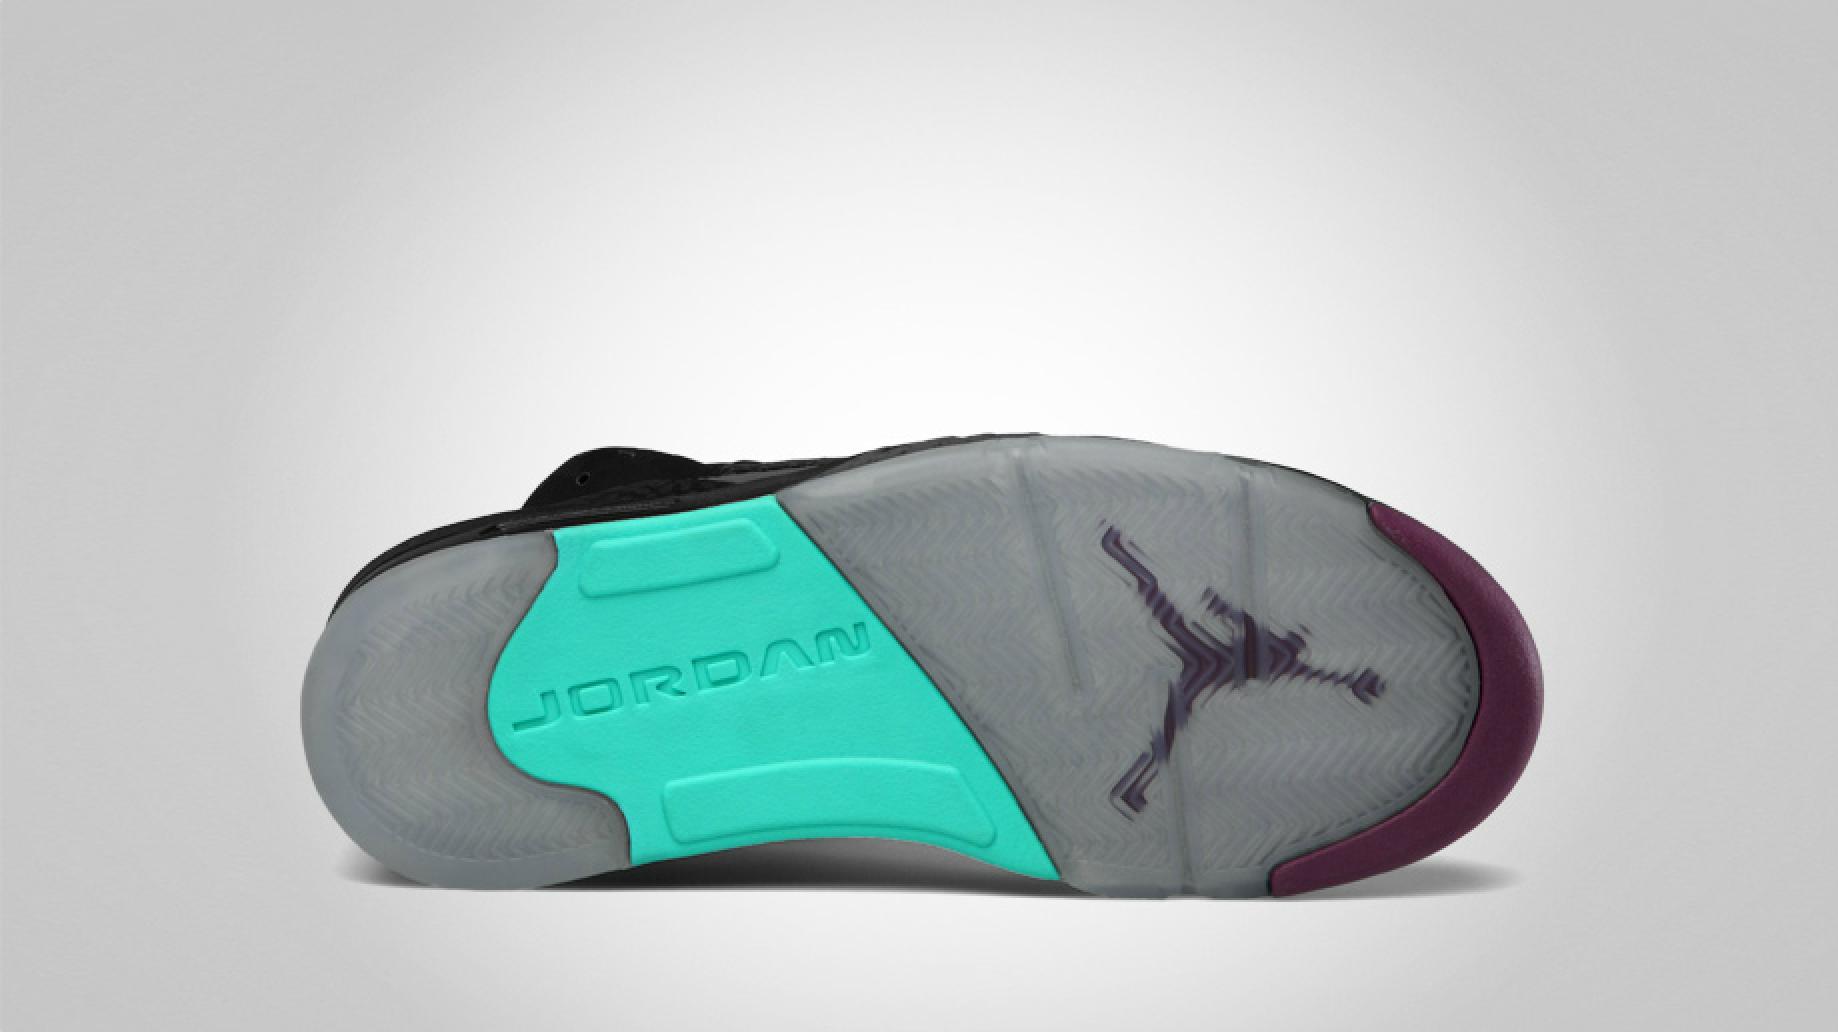 Jordan Son of Mars 'Bordeaux' - Release Date + Info